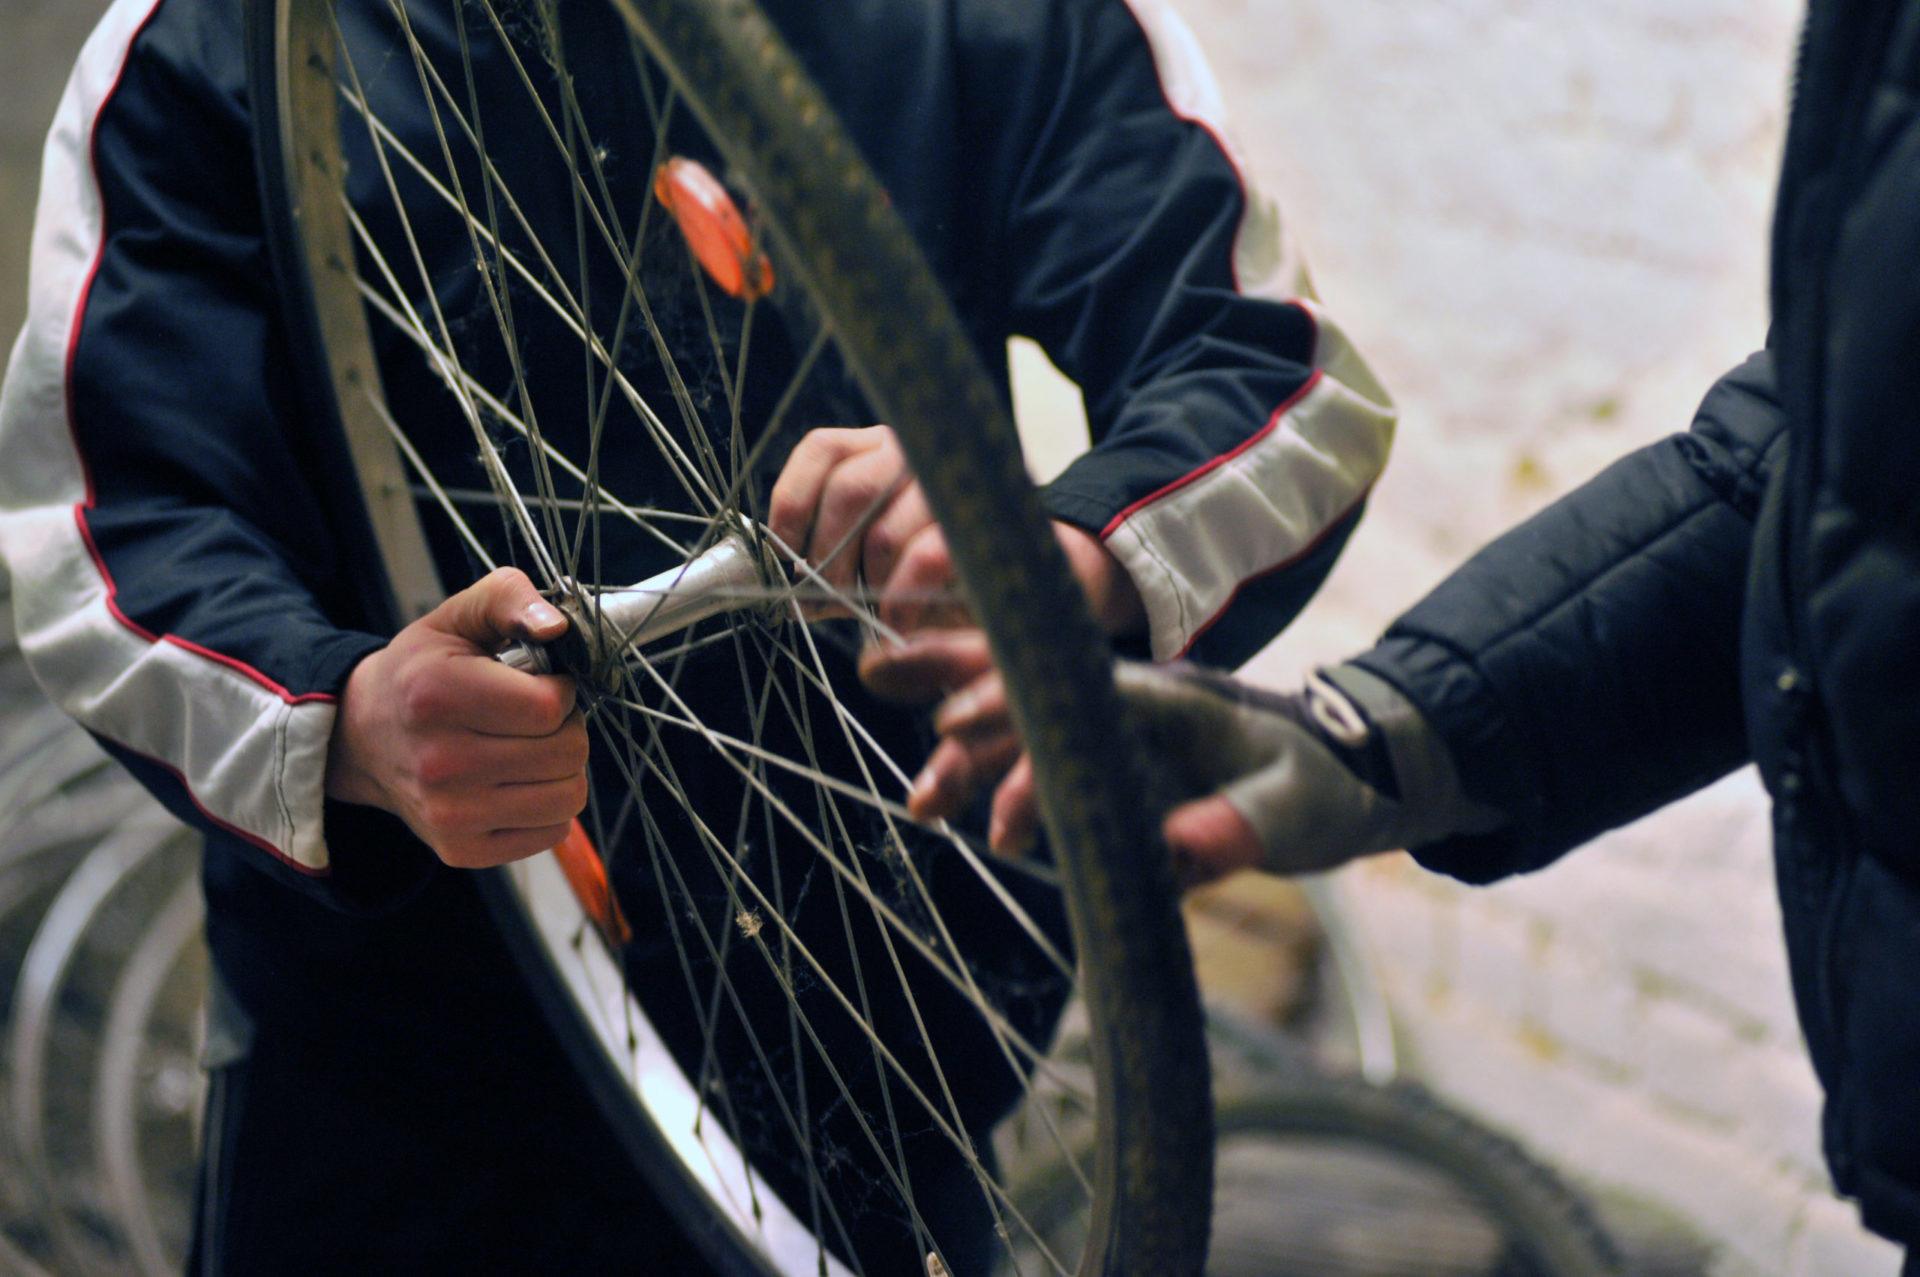 Hände von zwei Personen bei der Fahrradreparatur.